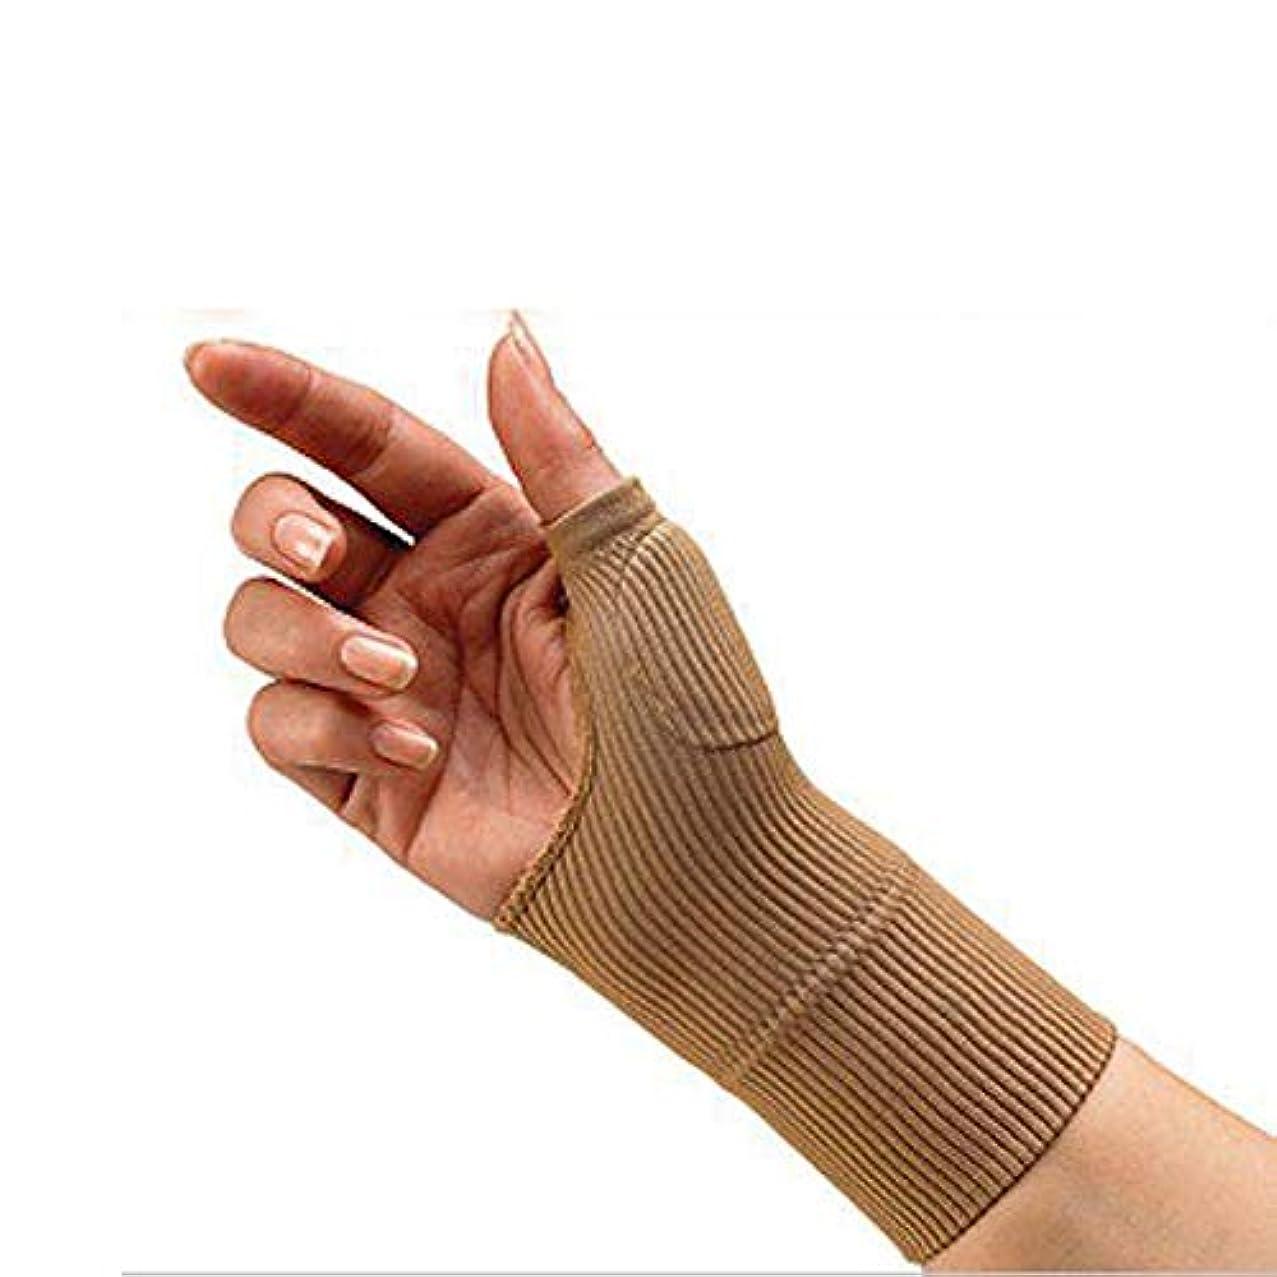 組第四入場料男性の女性のためのソリッド手首ブレース手根管サポートハンドブレース手首のサポート包帯バンドベルトアウトドア手根管ハンドブレース